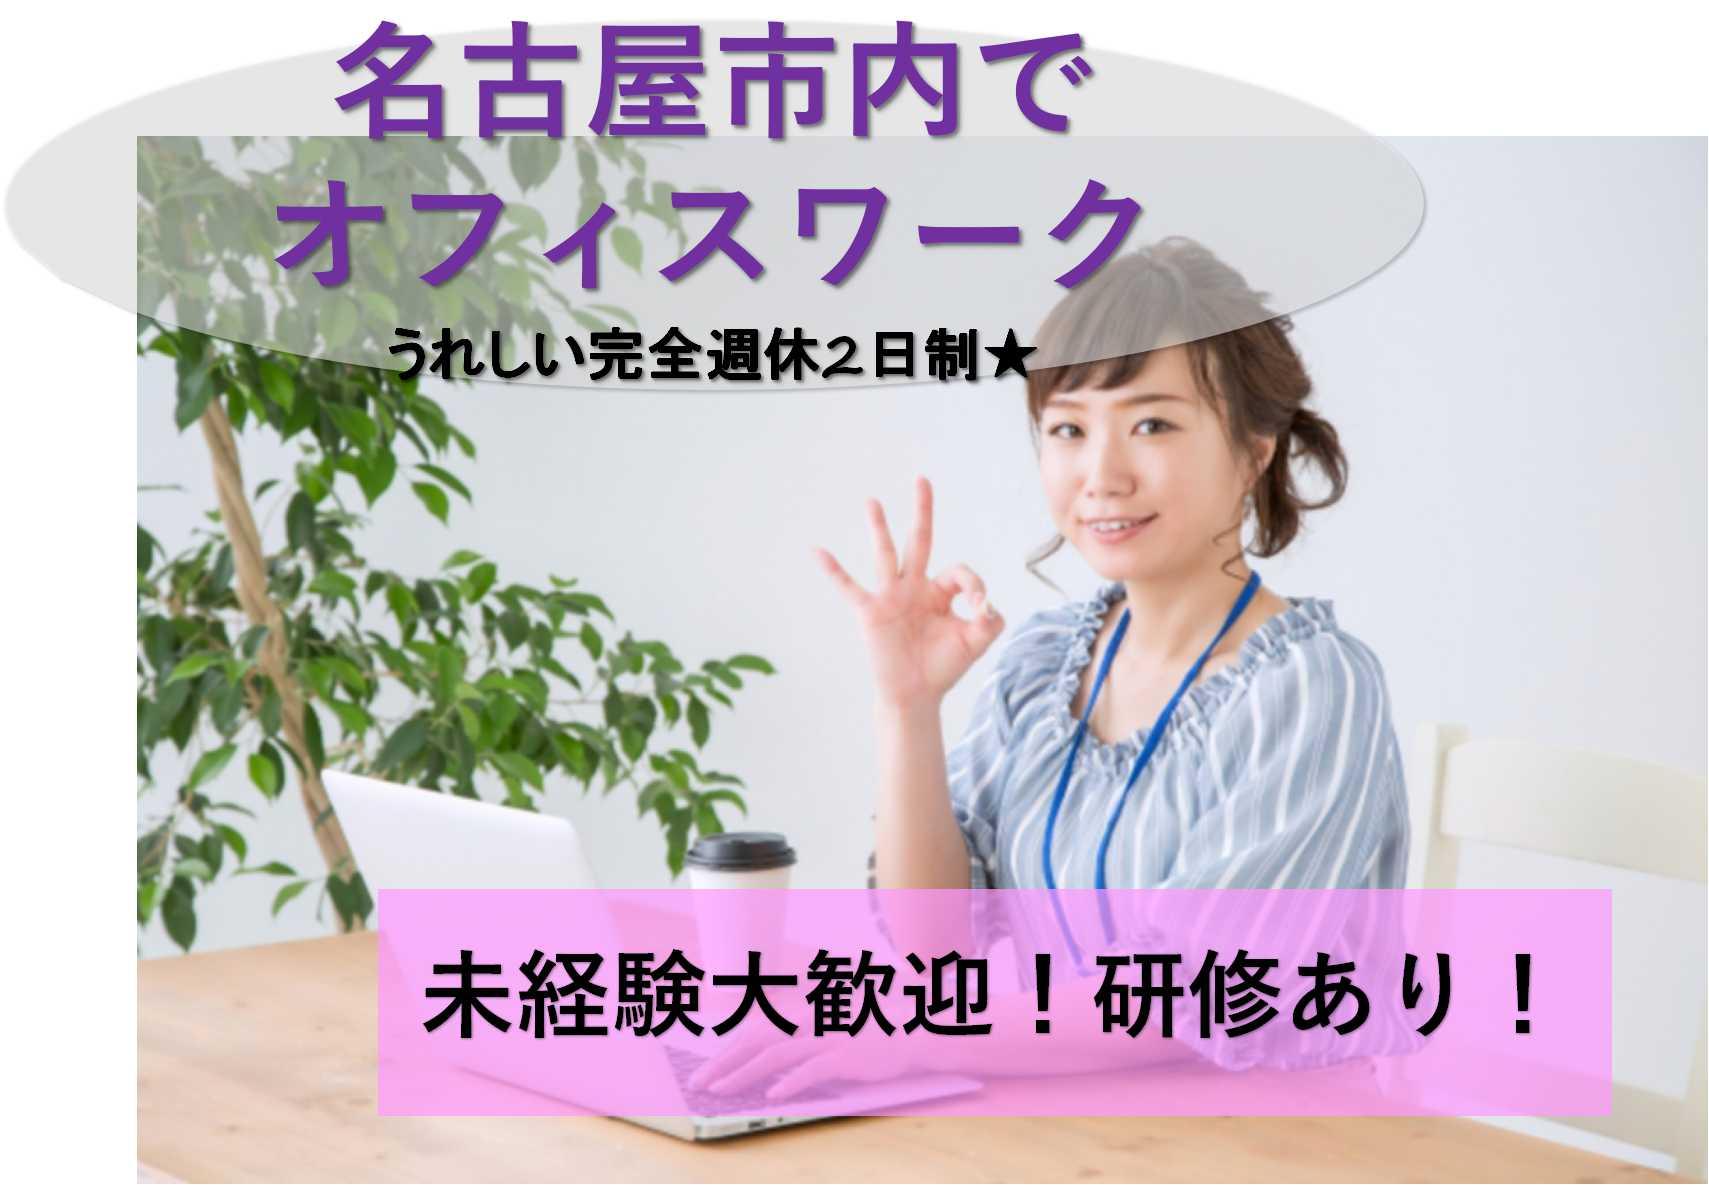 【名古屋市】未経験歓迎♪土日休みのオフィスワーク【即面談可能】 イメージ